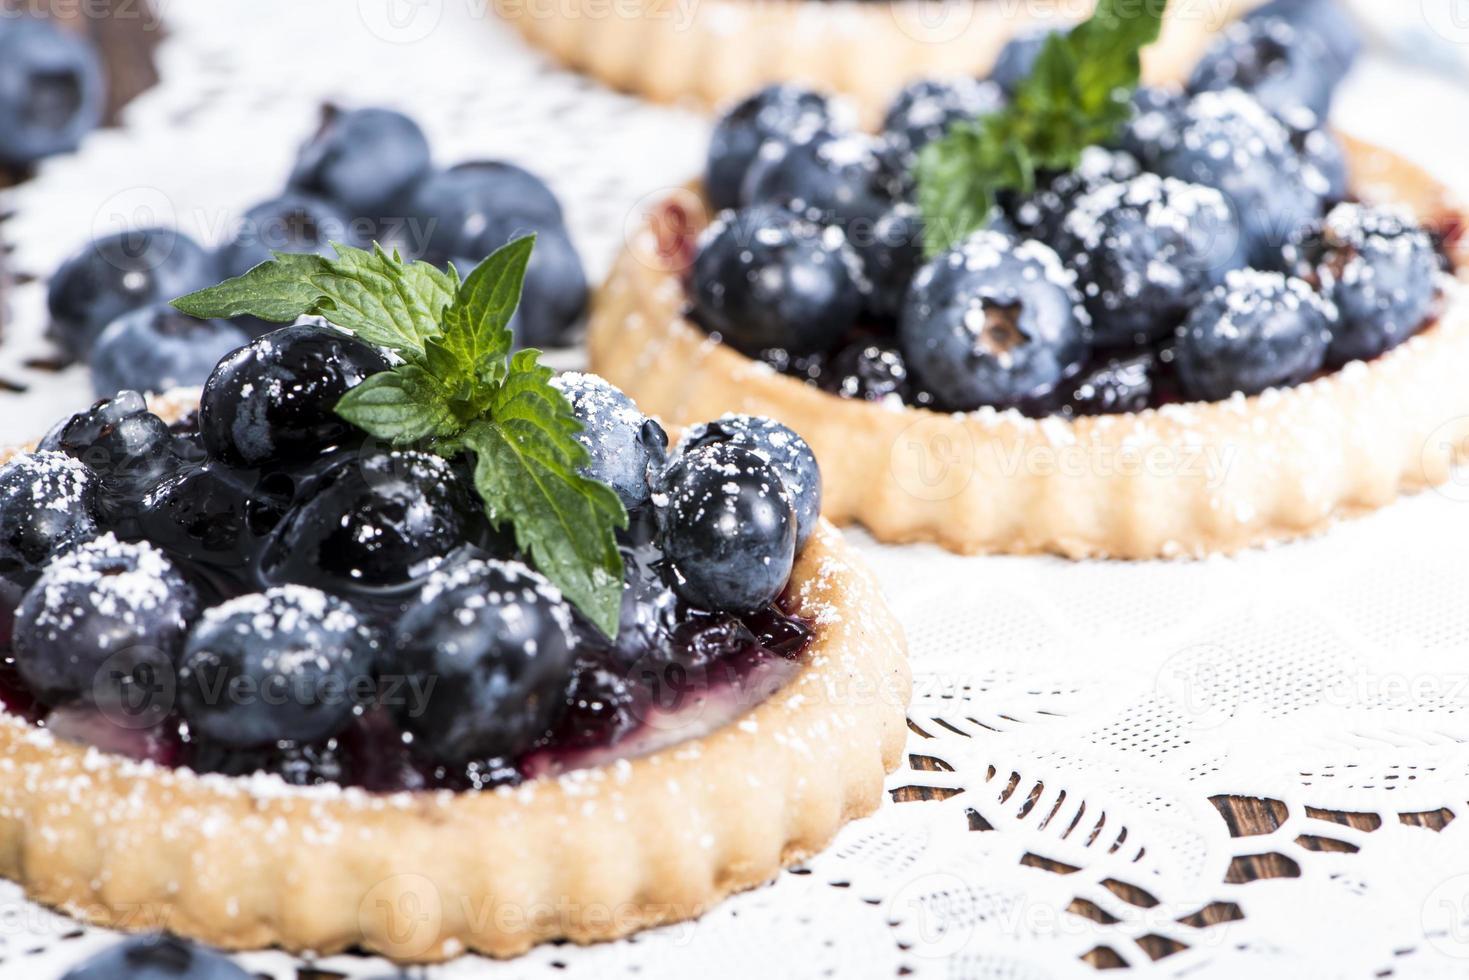 färsk blåbärssyrta med frukter foto